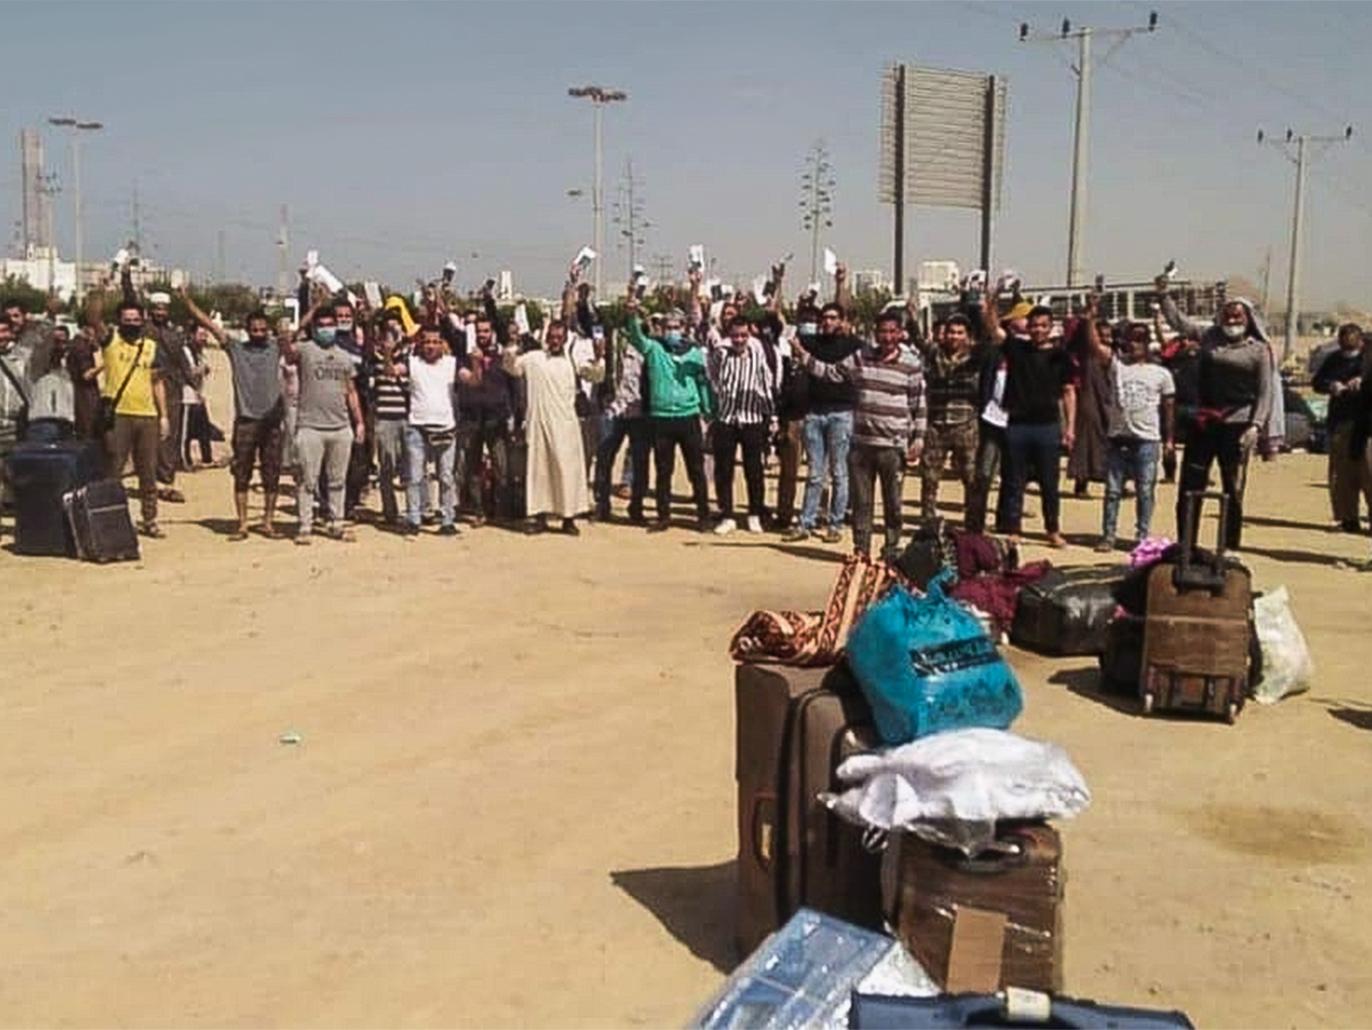 في قطر والسعودية والبحرين.. مصريون عالقون يناشدون القاهرة السماح لهم بالعودة